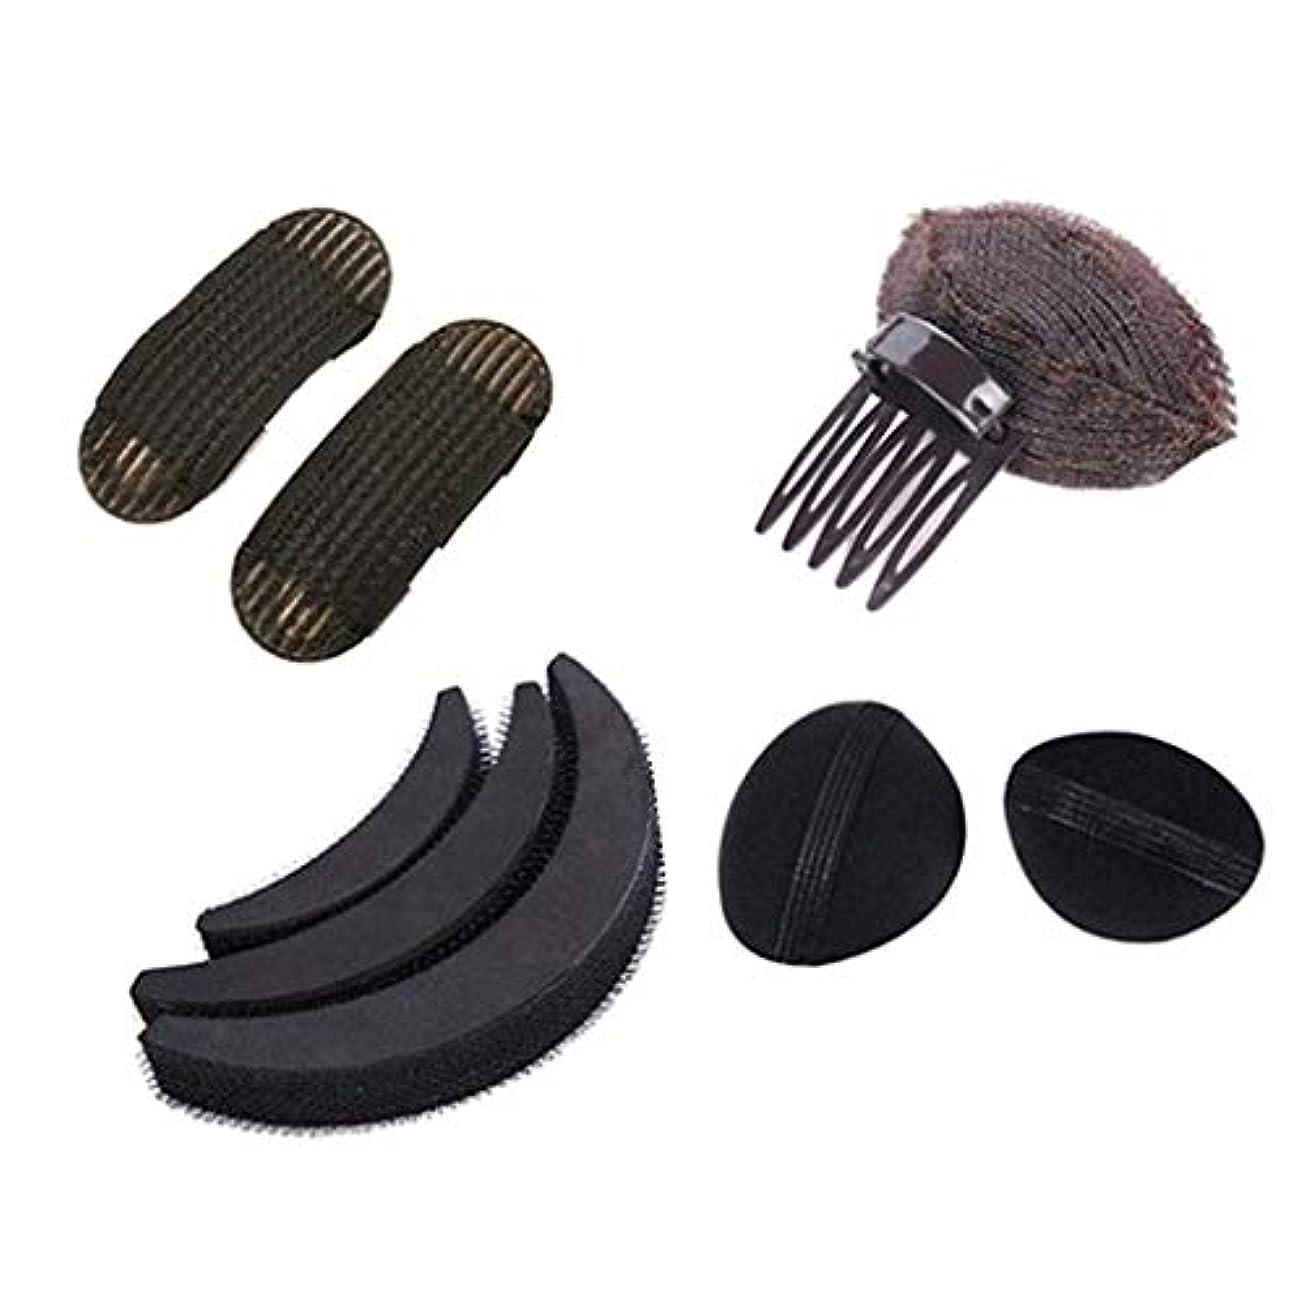 汚染するシェル原子炉女性 ヘアスタイリングキット 髪型作成 ヘアスタイルツール 美容室サロン ブラック 4種類 - B